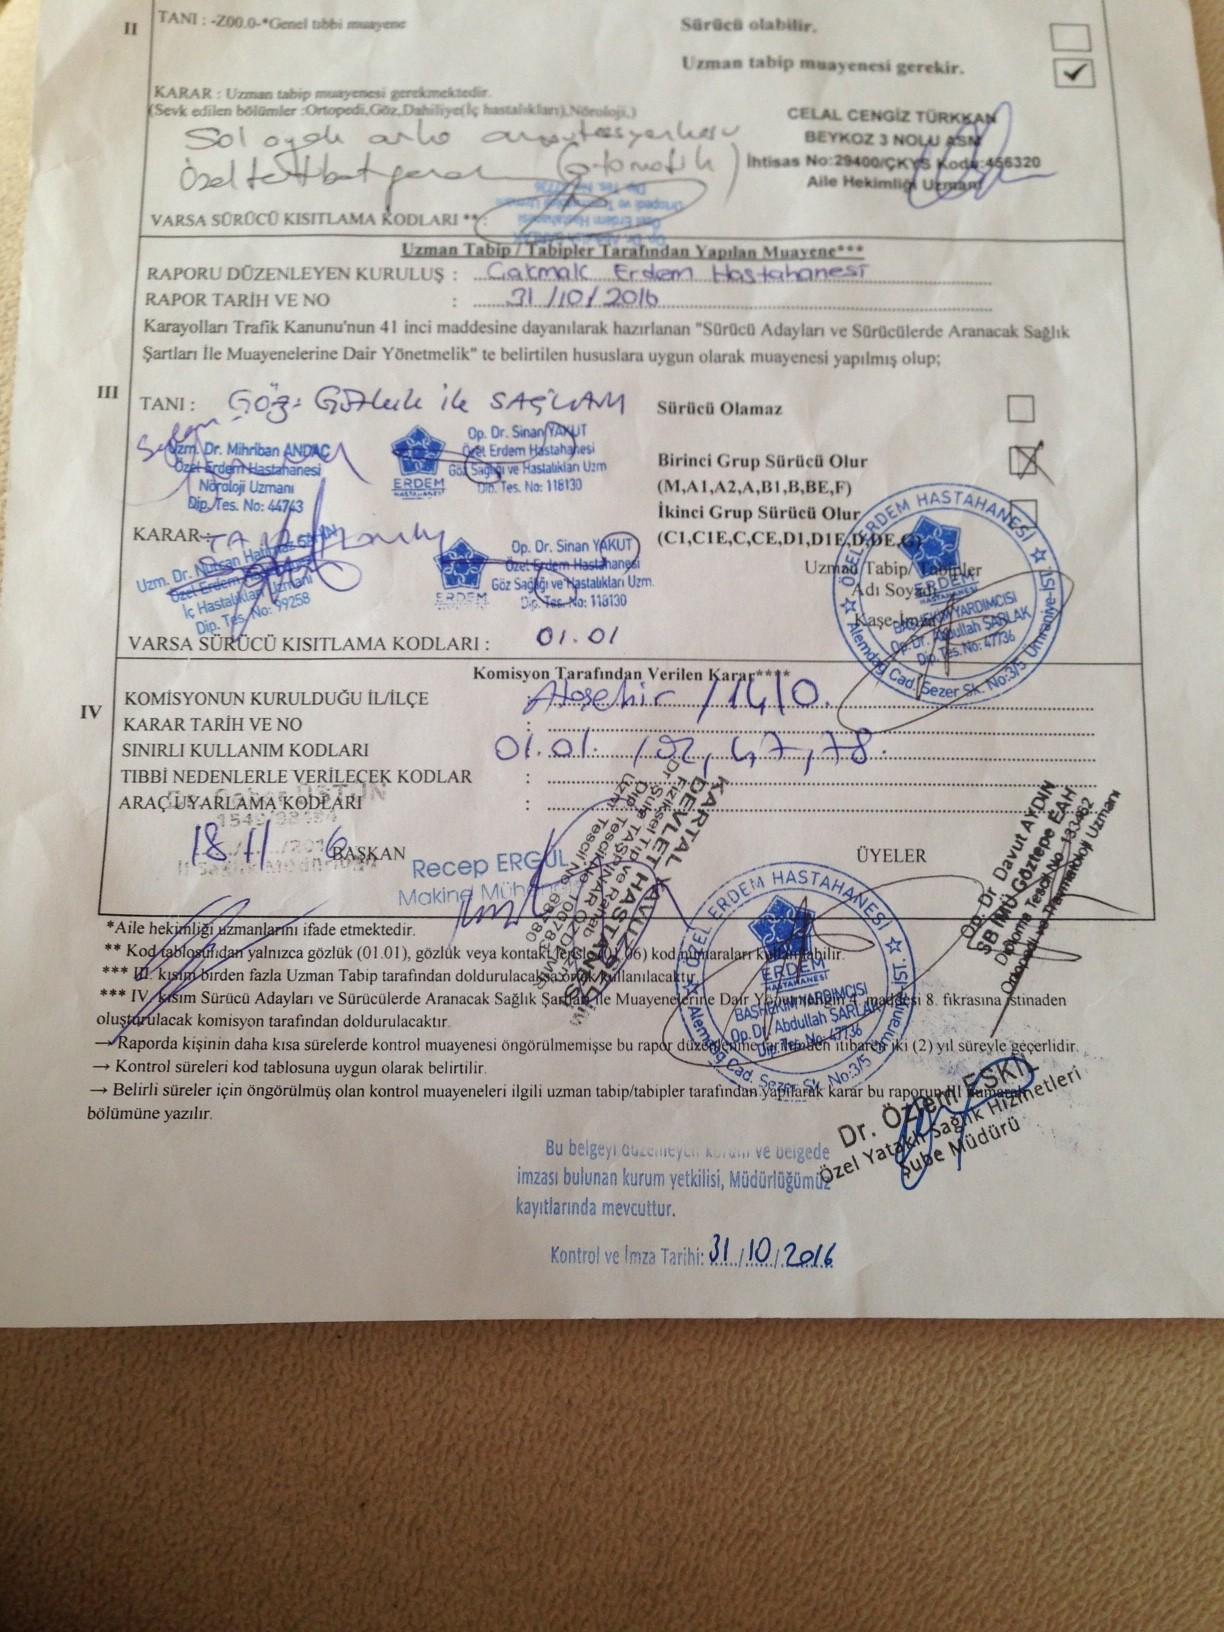 qjqVVD - H sınıfı sürücü belgesi ve ÖTV'siz araç alımı için rapor paylaşımları